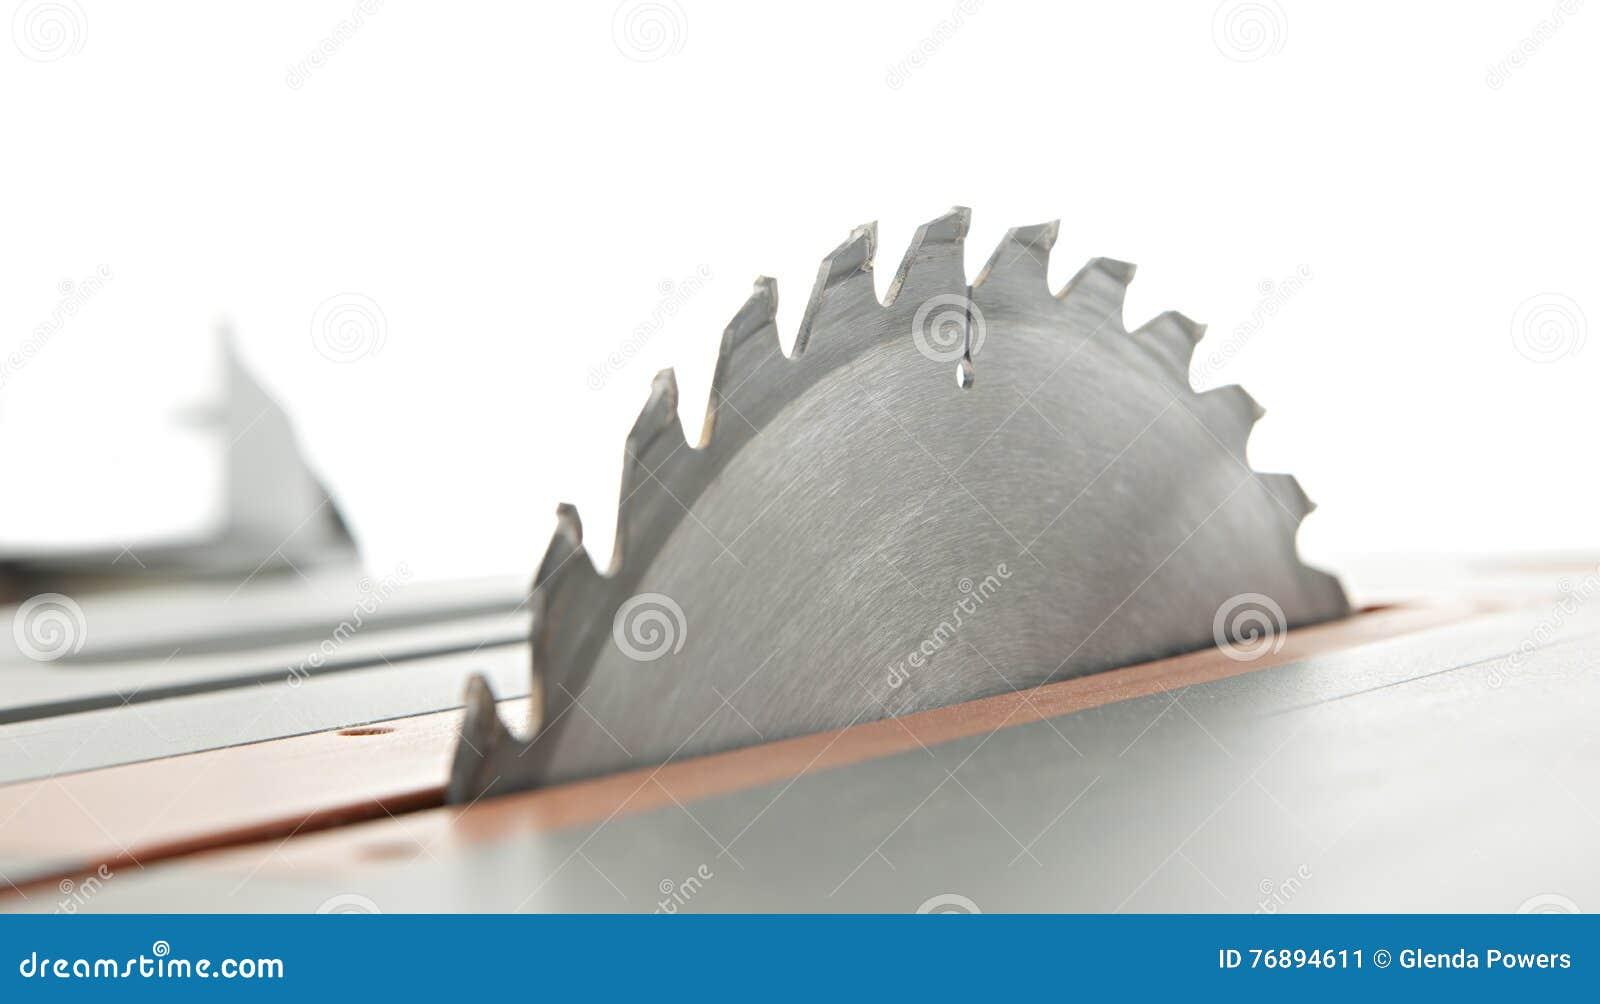 Hoja de sierra de la tabla